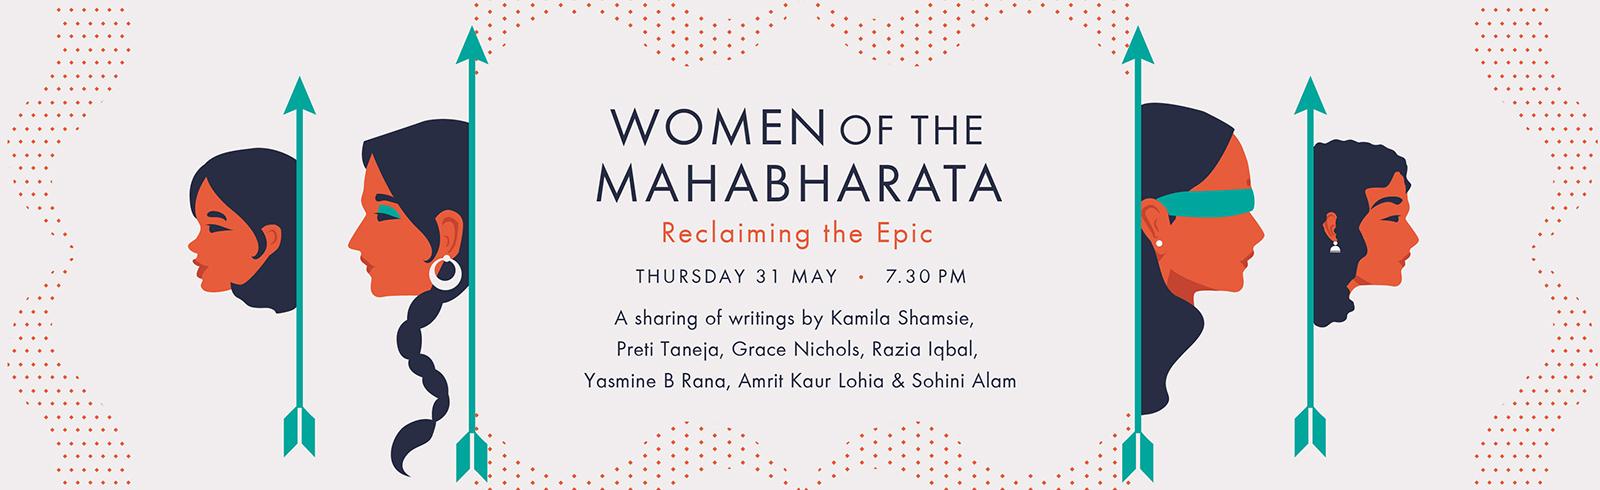 Women of the Mahabharata livestream Thurs 31 May 7.30pm